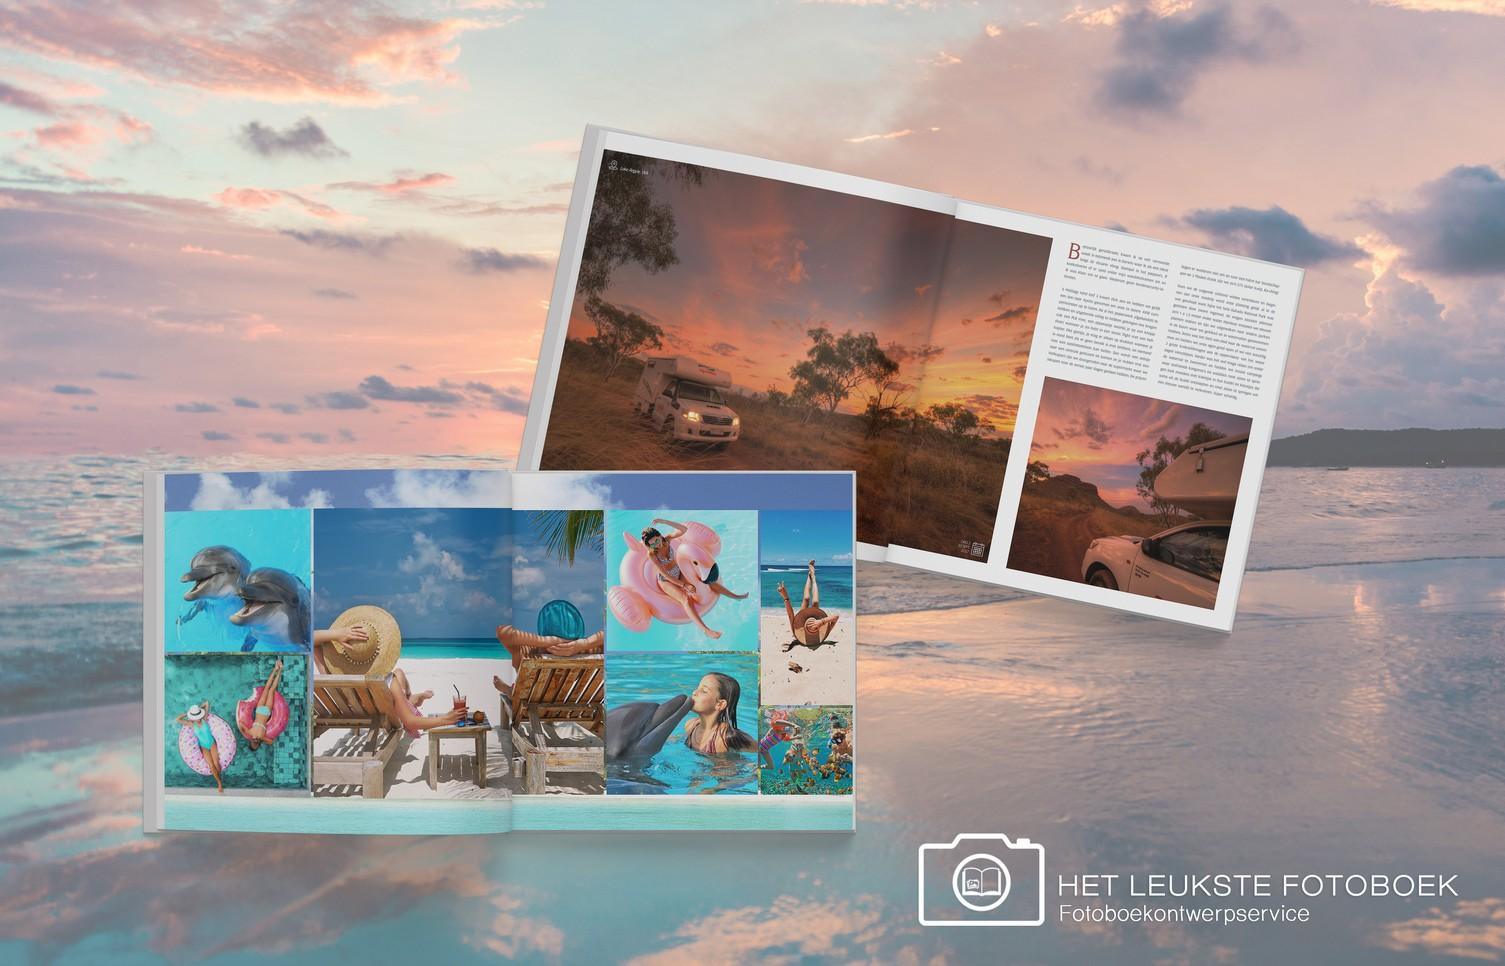 Het-Leukste-Fotoboek